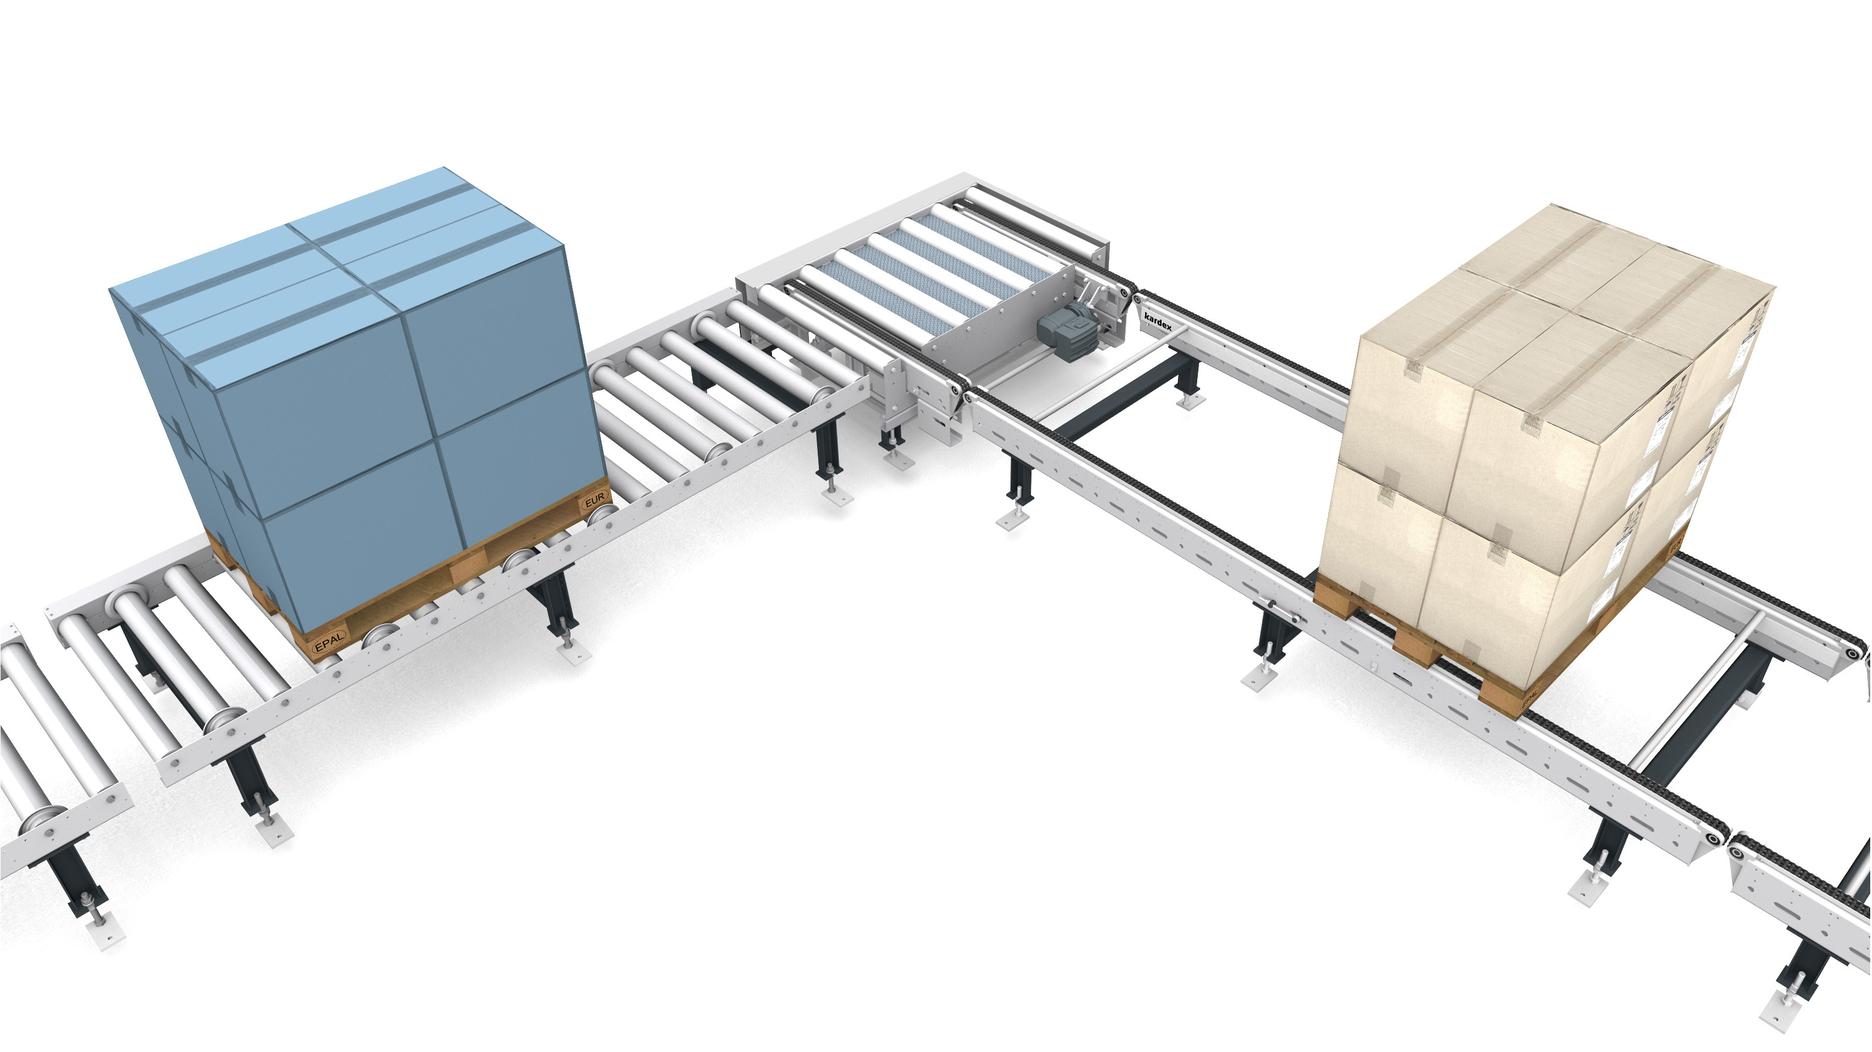 Transfer unit - lift table